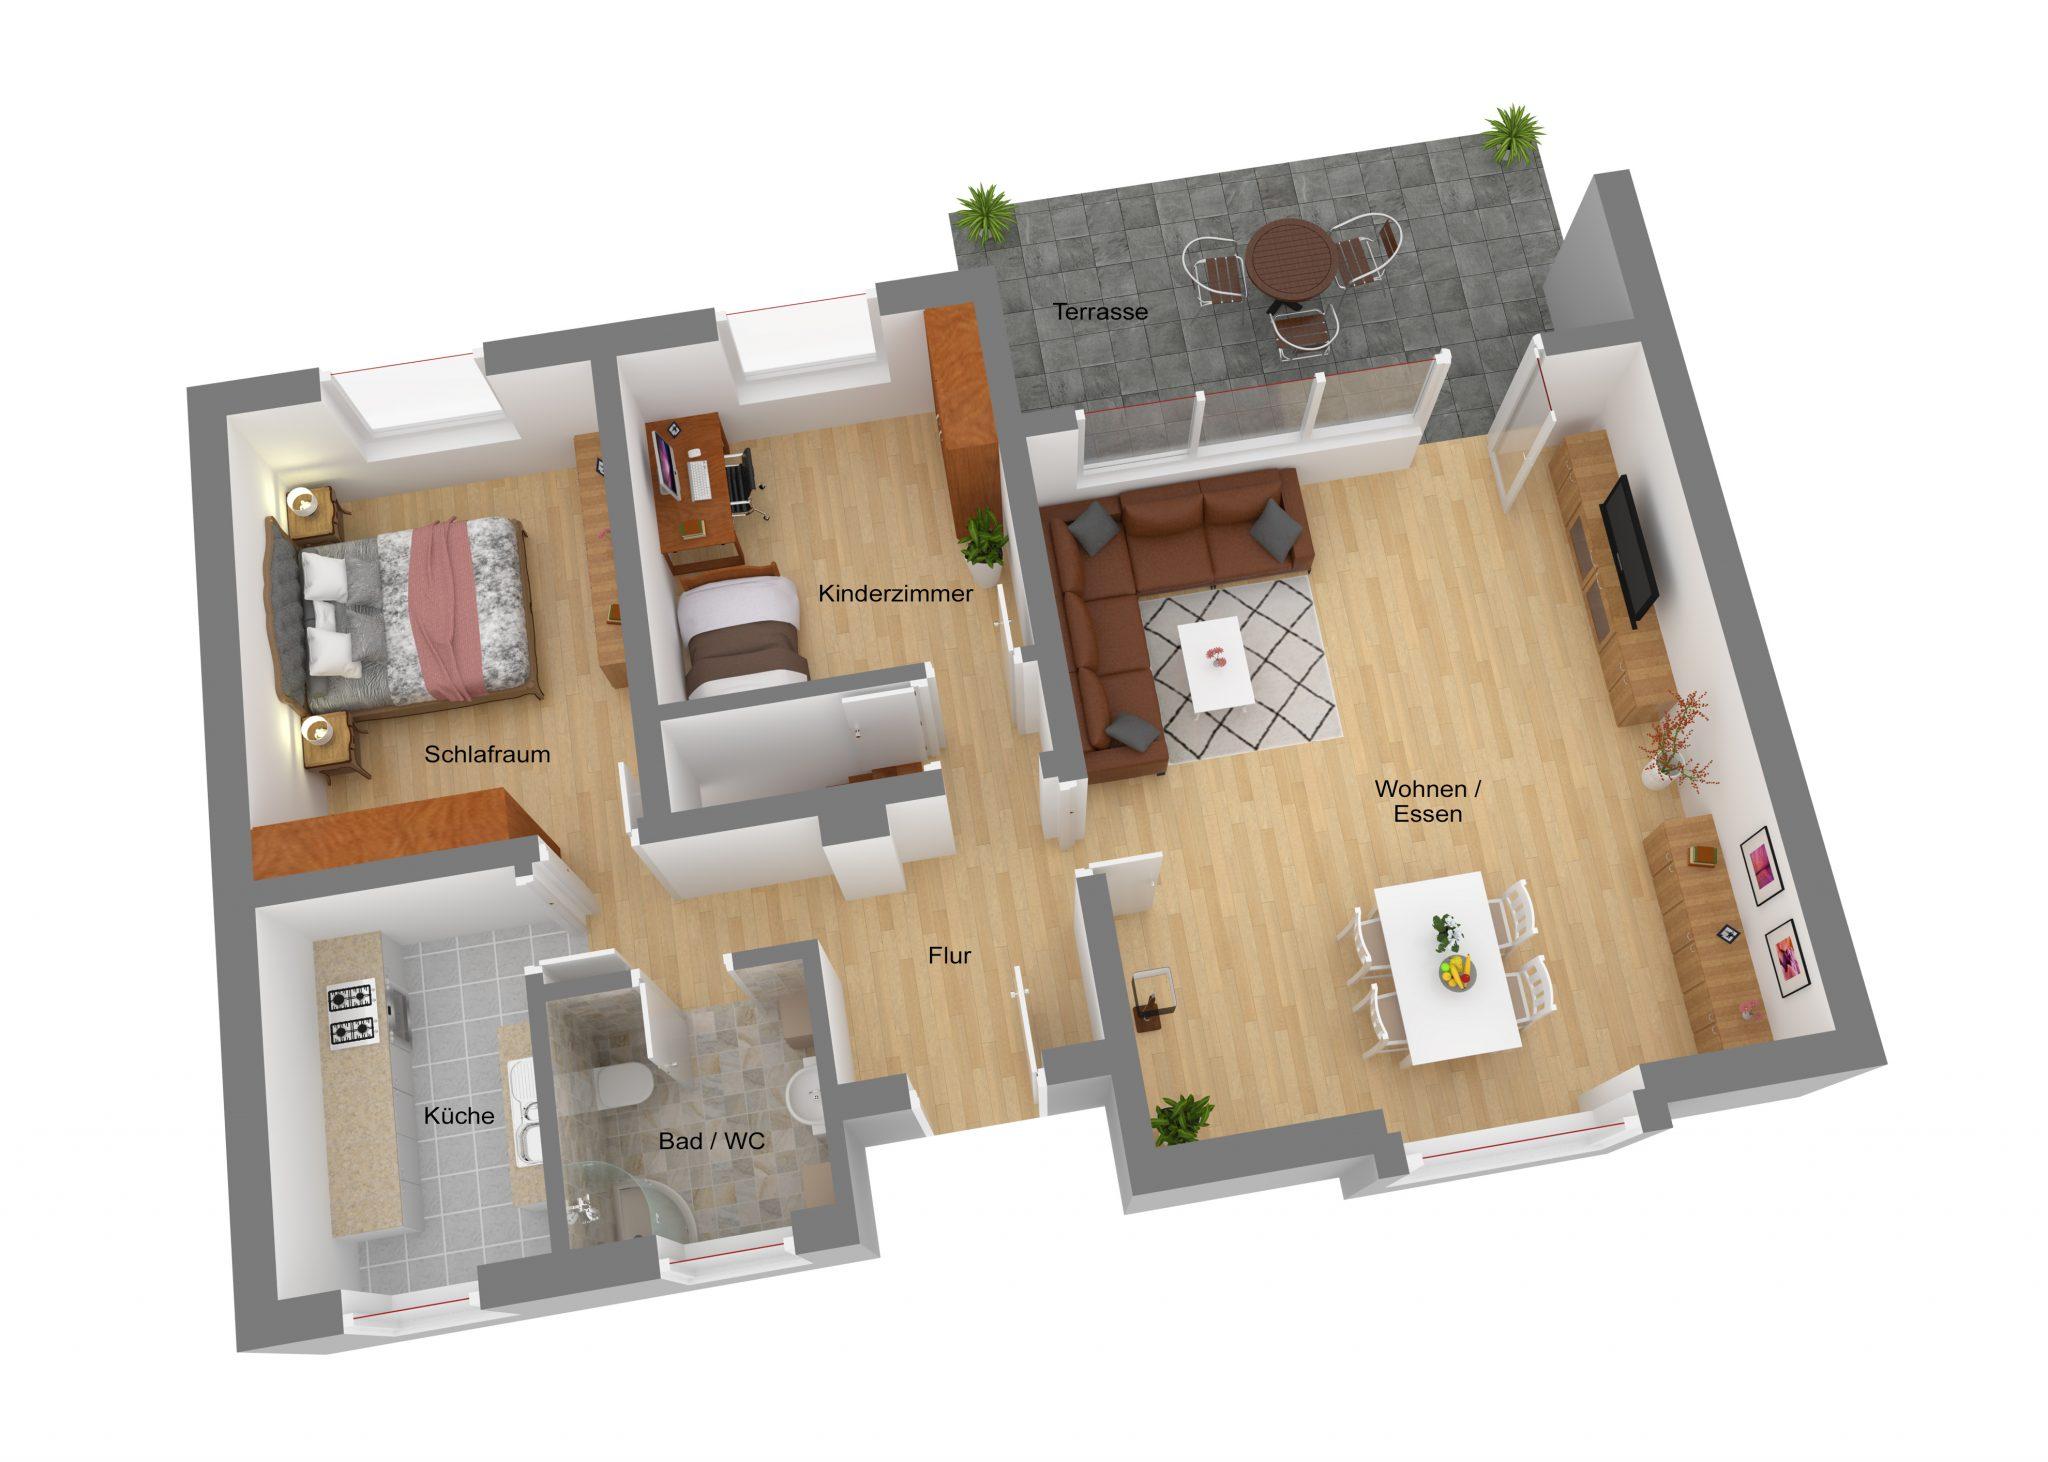 Einfamilienhaus in Berlin Kauldorf - Grundriss EG